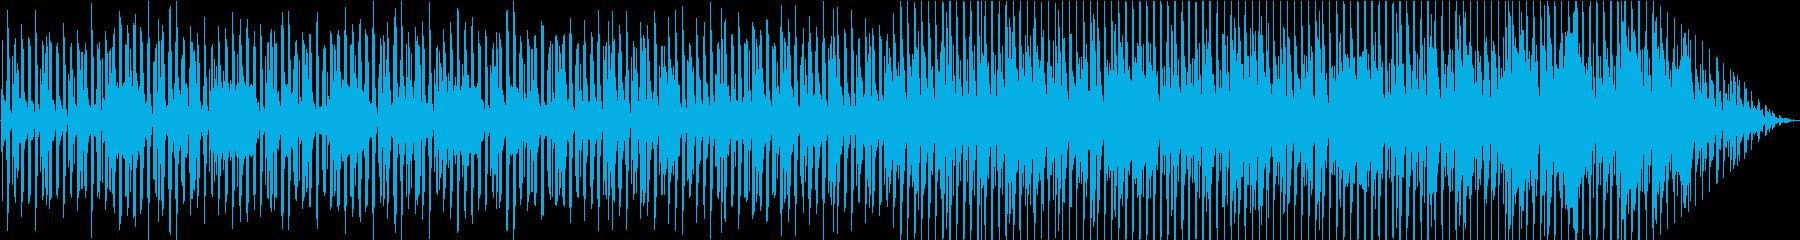 ワクワク気分のテクノの再生済みの波形